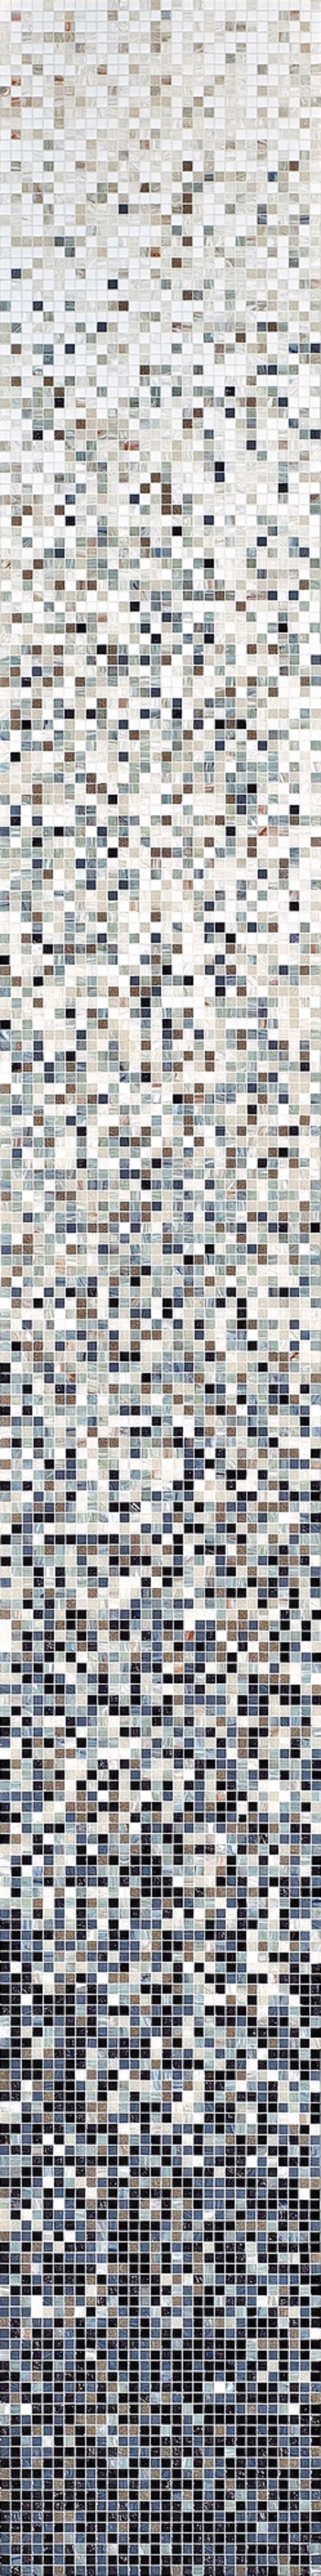 Bisazza Sfumature Miscele 1x1 cm Caprifoglio  Mosaico Bagno Cucina Doccia Pis...